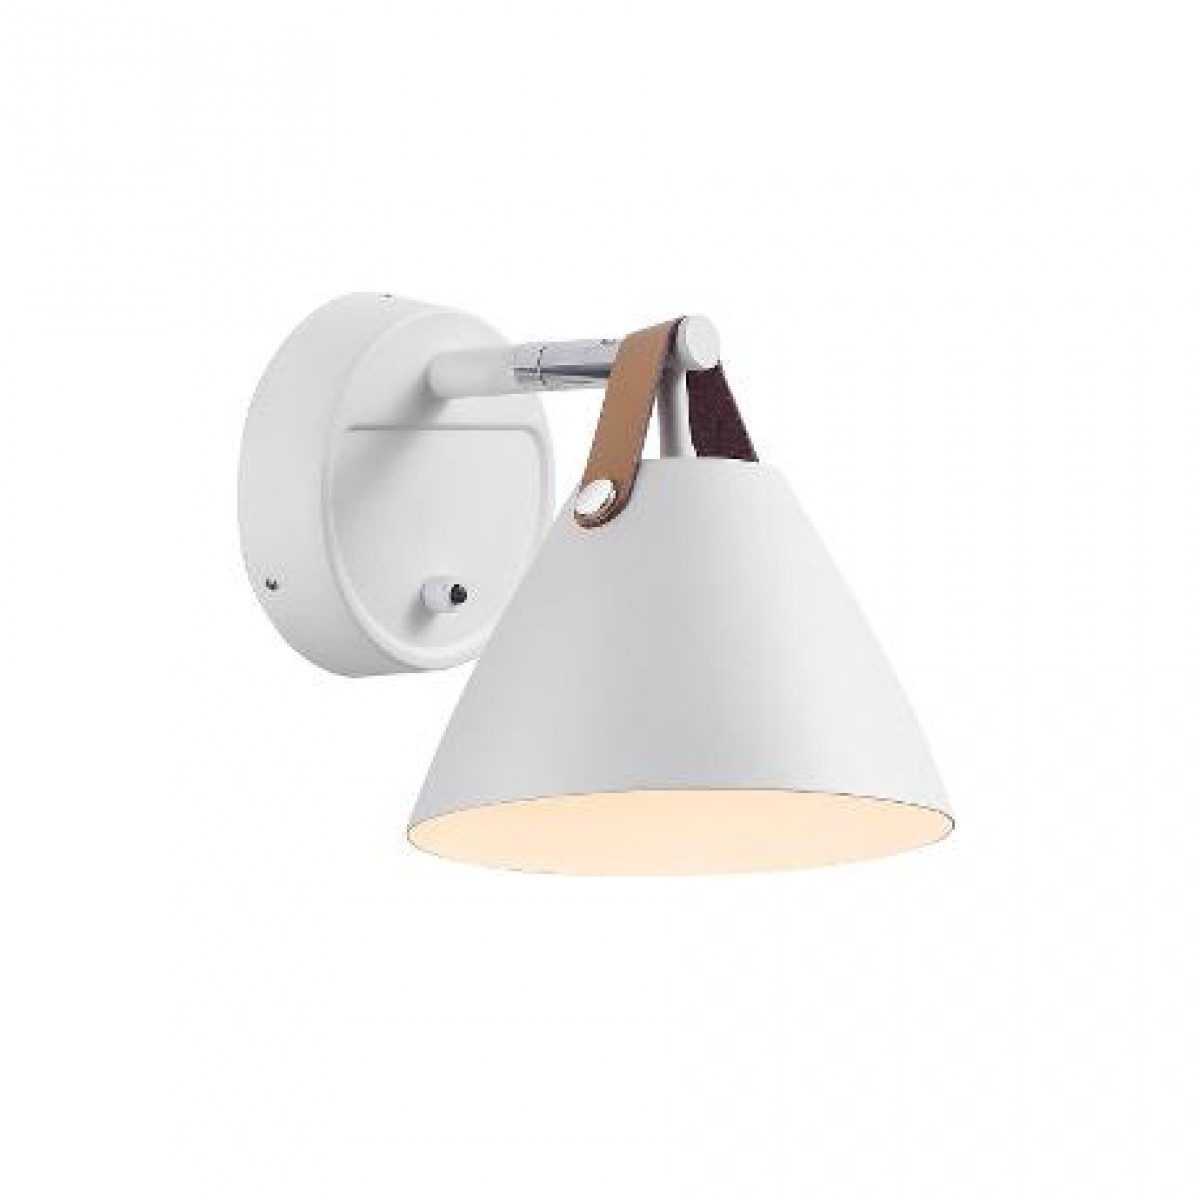 NORDLUX Strap 15 væglampe hvid metal / læder